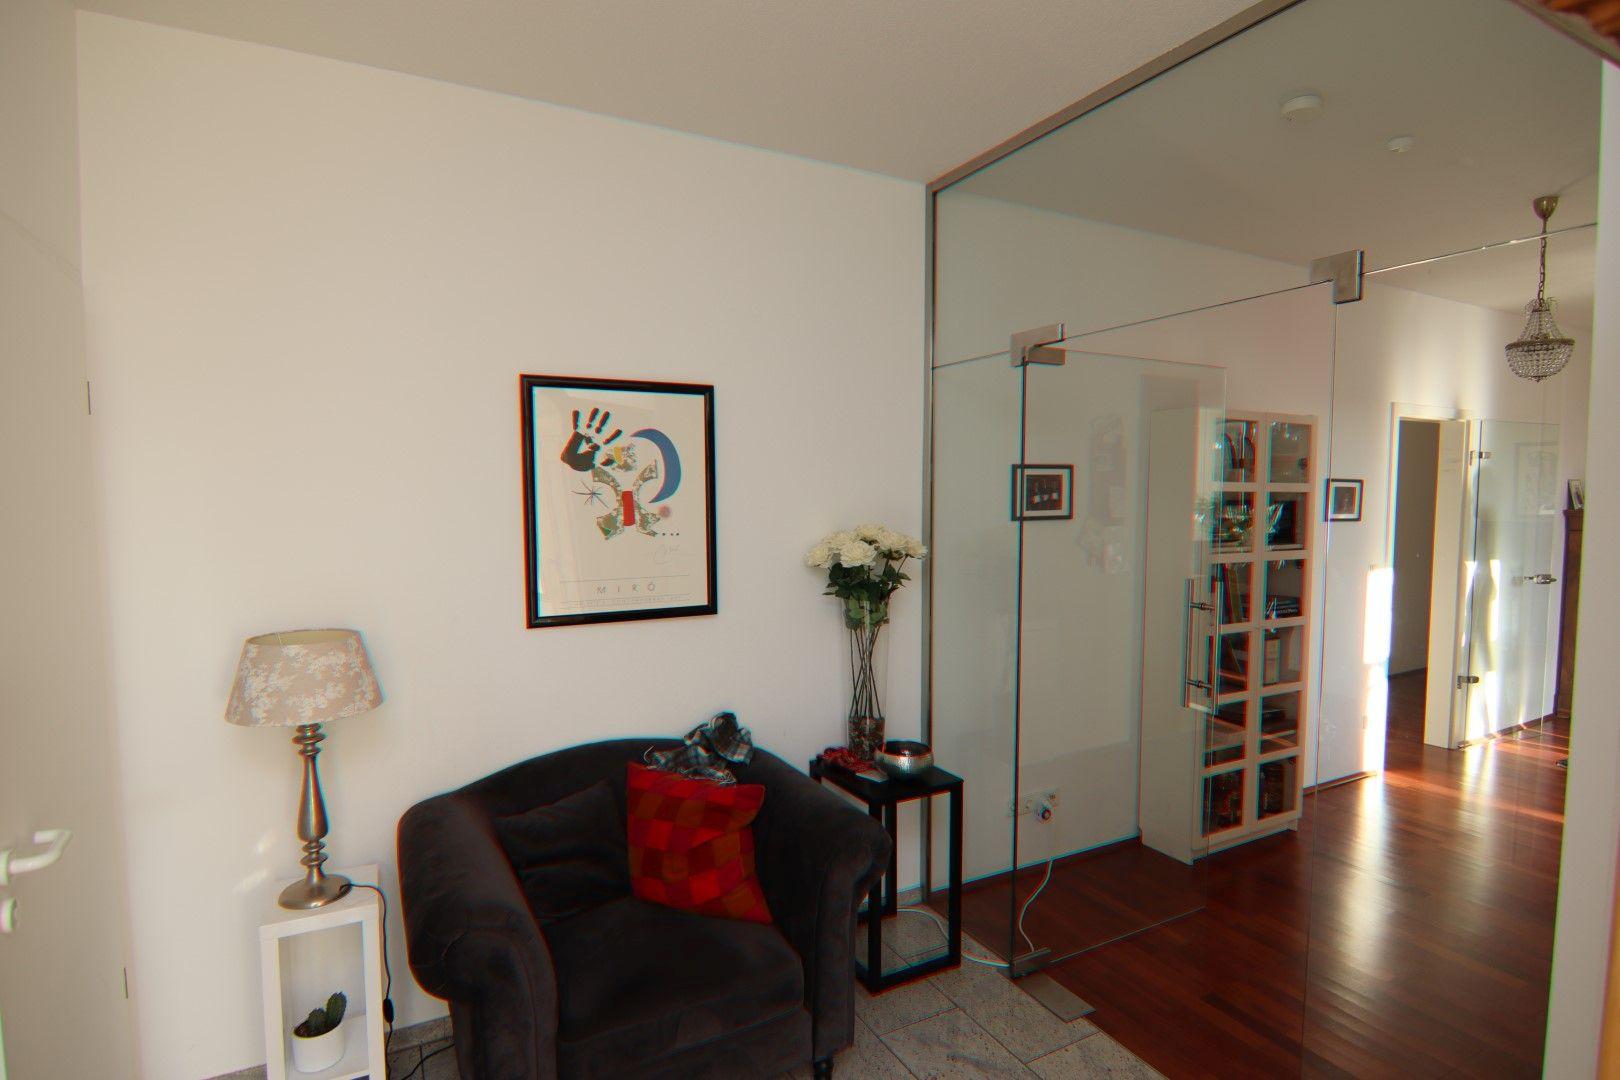 Immobilie Nr.0275 - 4-Raum-Deluxe-Wohnung mit Aufzug, Dachterrasse u. Garage - Bild 8.jpg